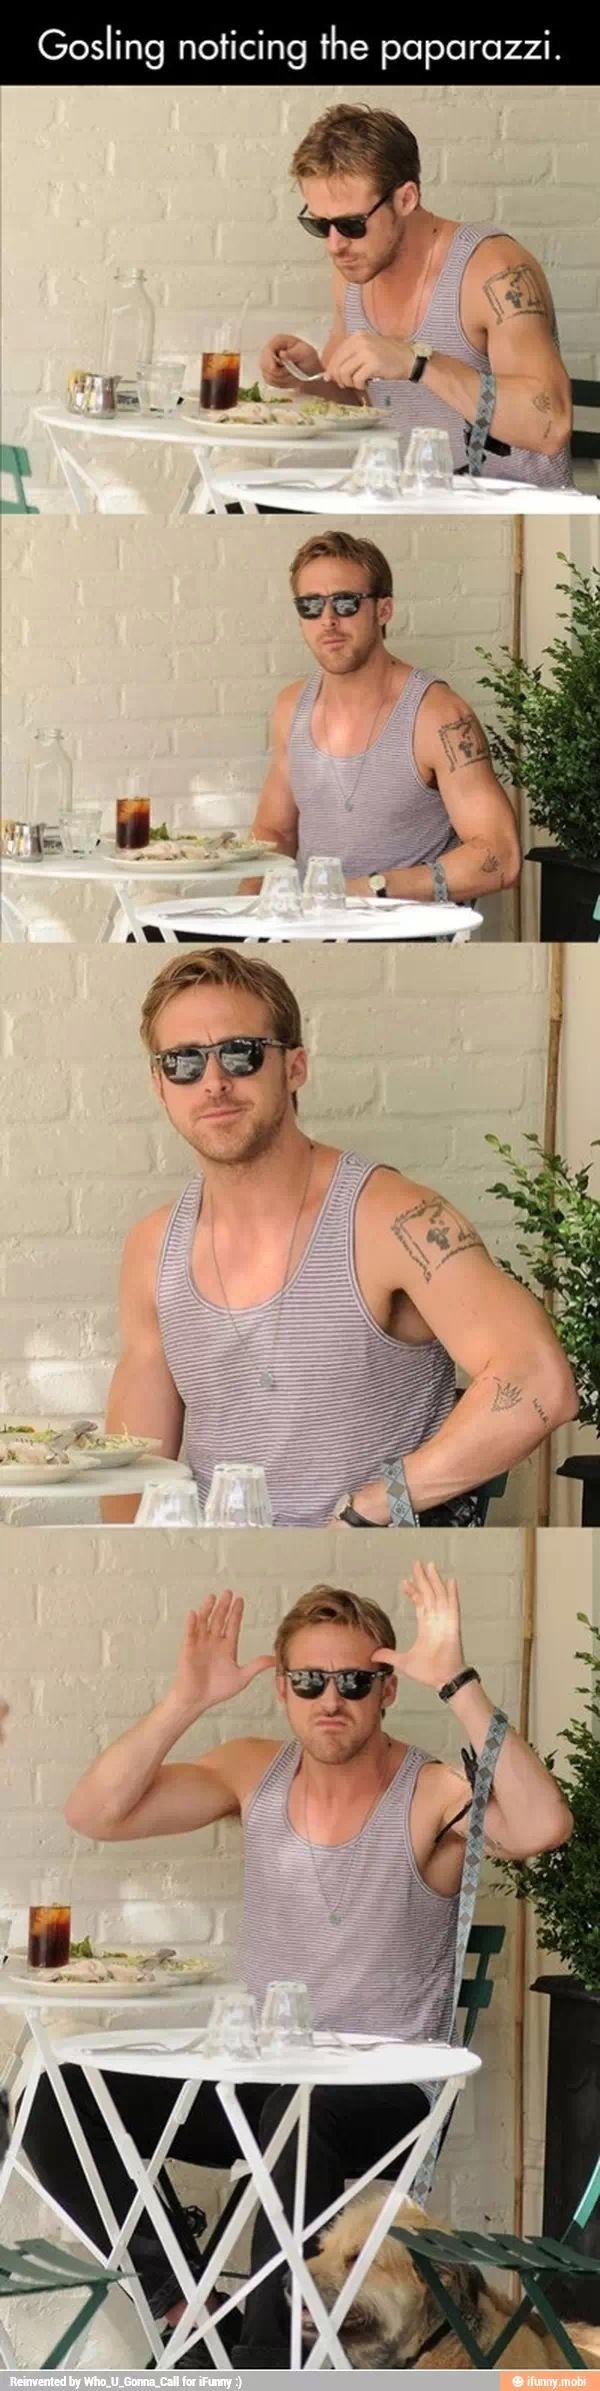 Ryan Gosling seeing paparazzi